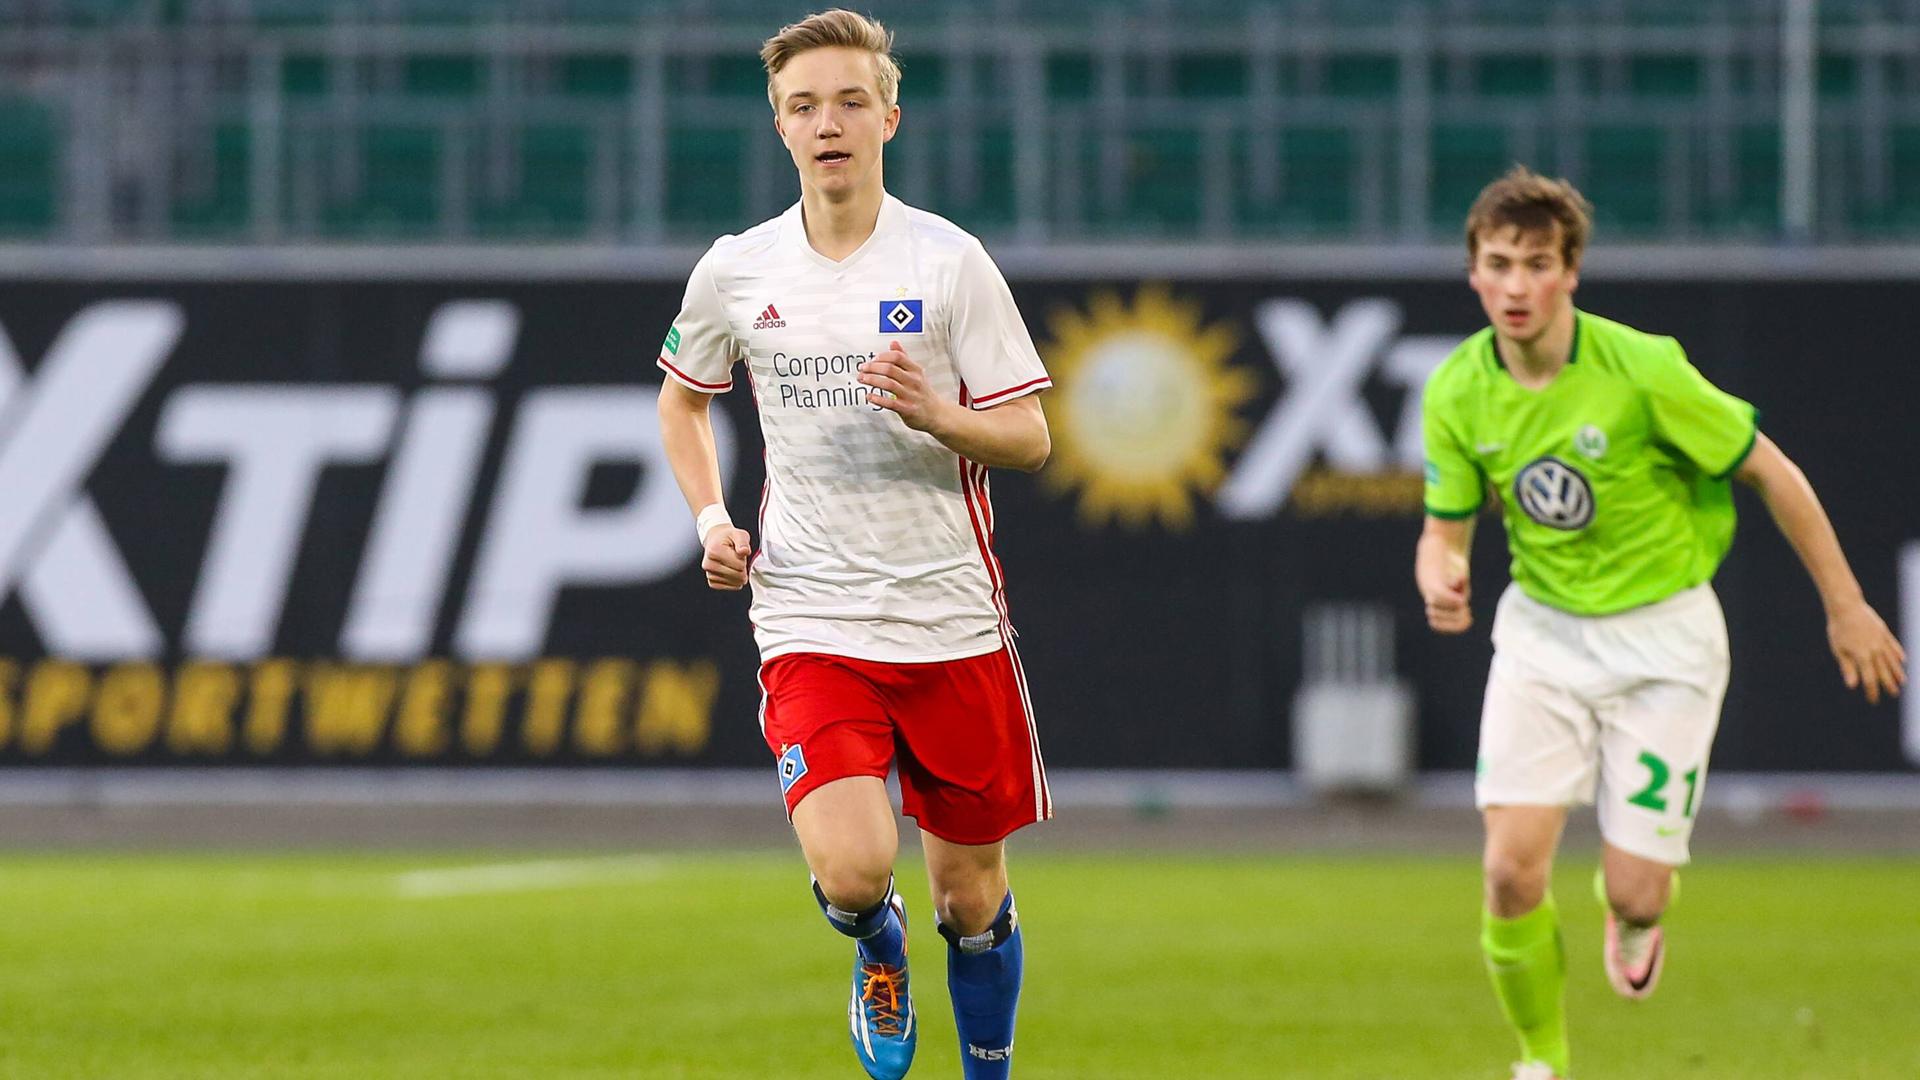 Abstieg rückt immer näher: HSV verliert auch mit neuem Trainer